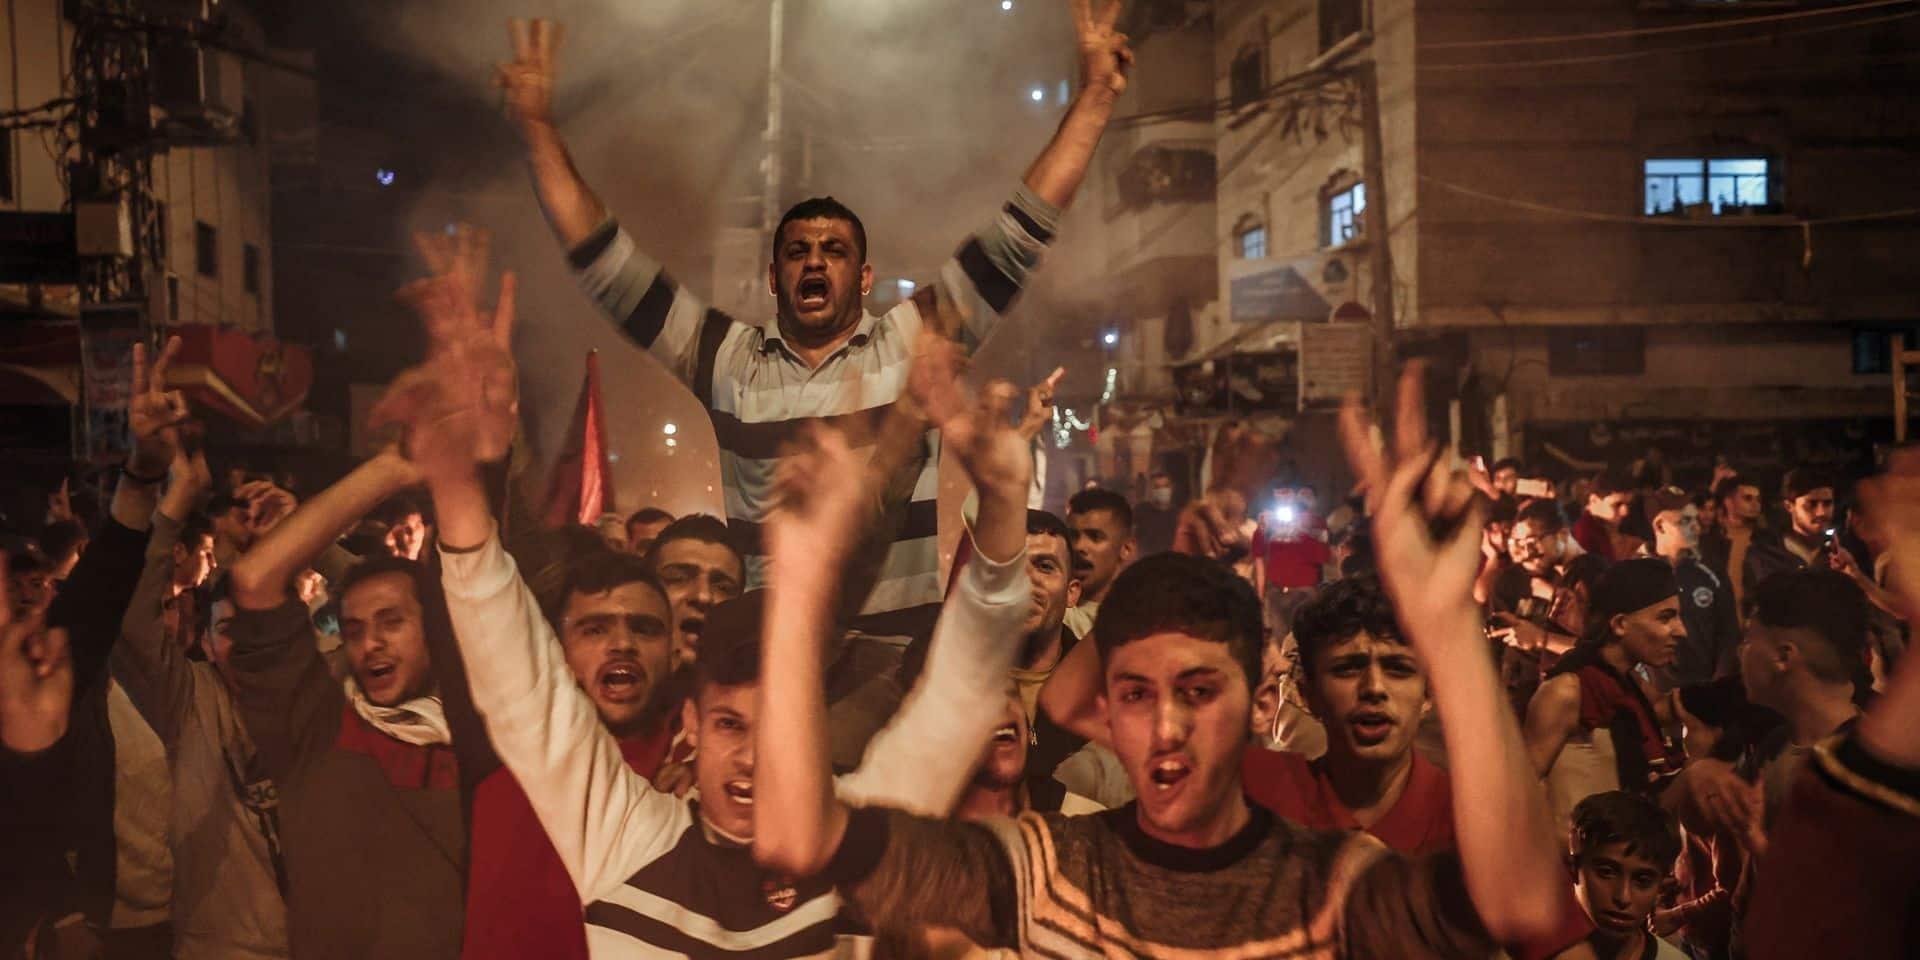 Le Premier ministre israélien appelle au calme après les heurts à Jérusalem